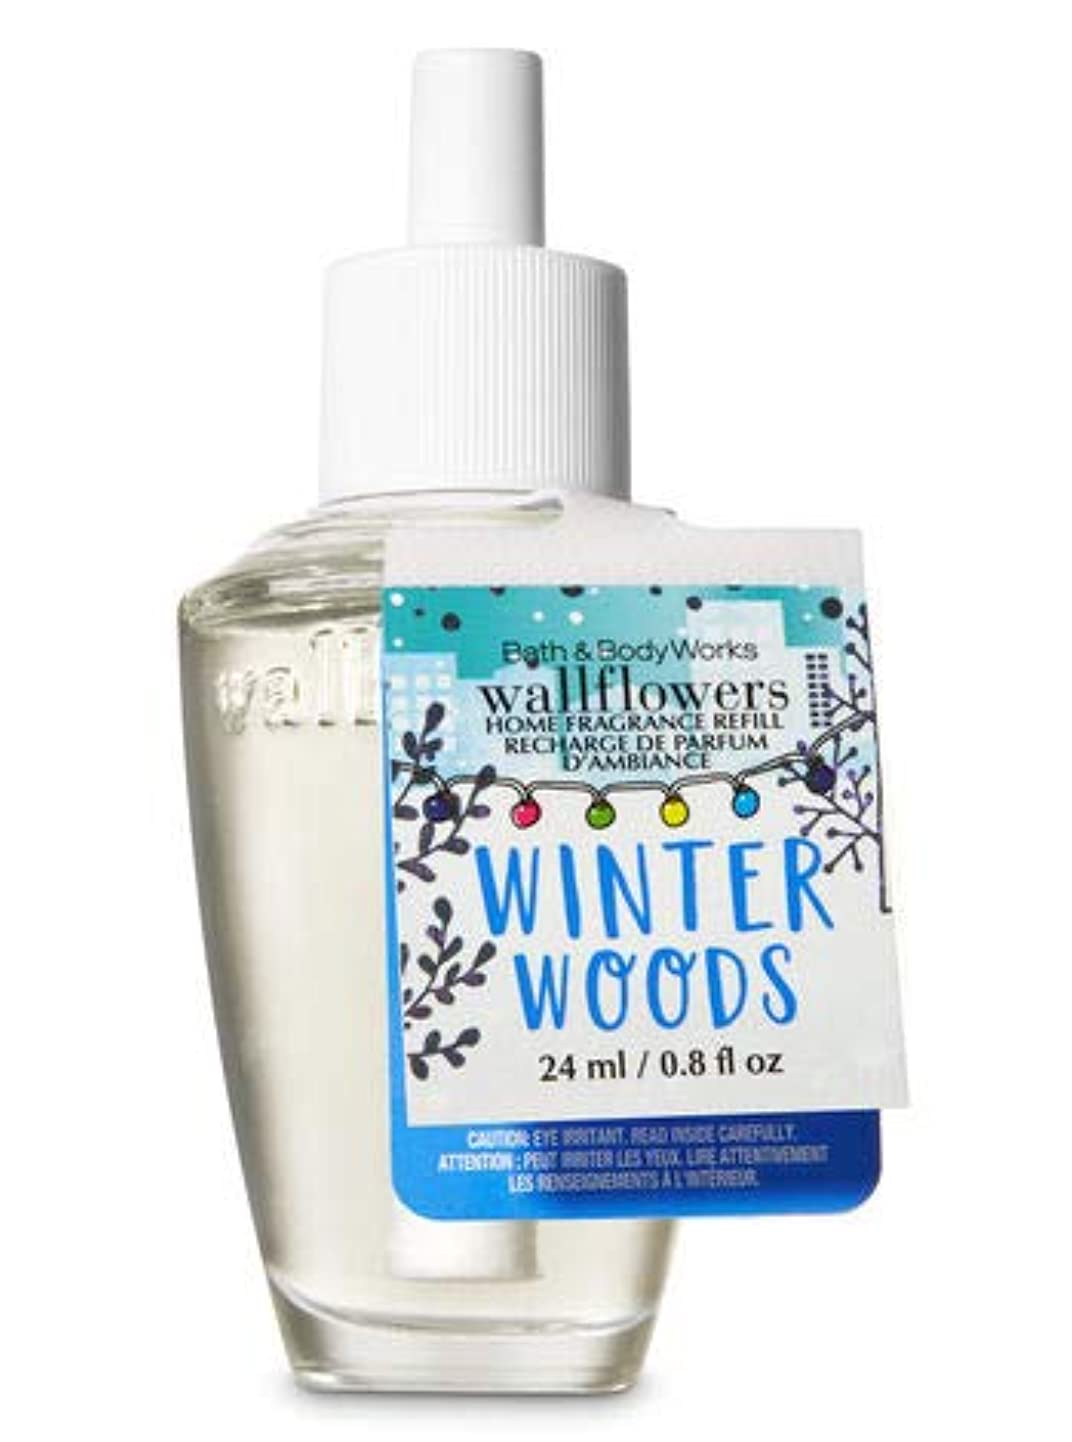 健康的かみそり不忠【Bath&Body Works/バス&ボディワークス】 ルームフレグランス 詰替えリフィル ウィンターウッズ Wallflowers Home Fragrance Refill Winter Woods [並行輸入品]